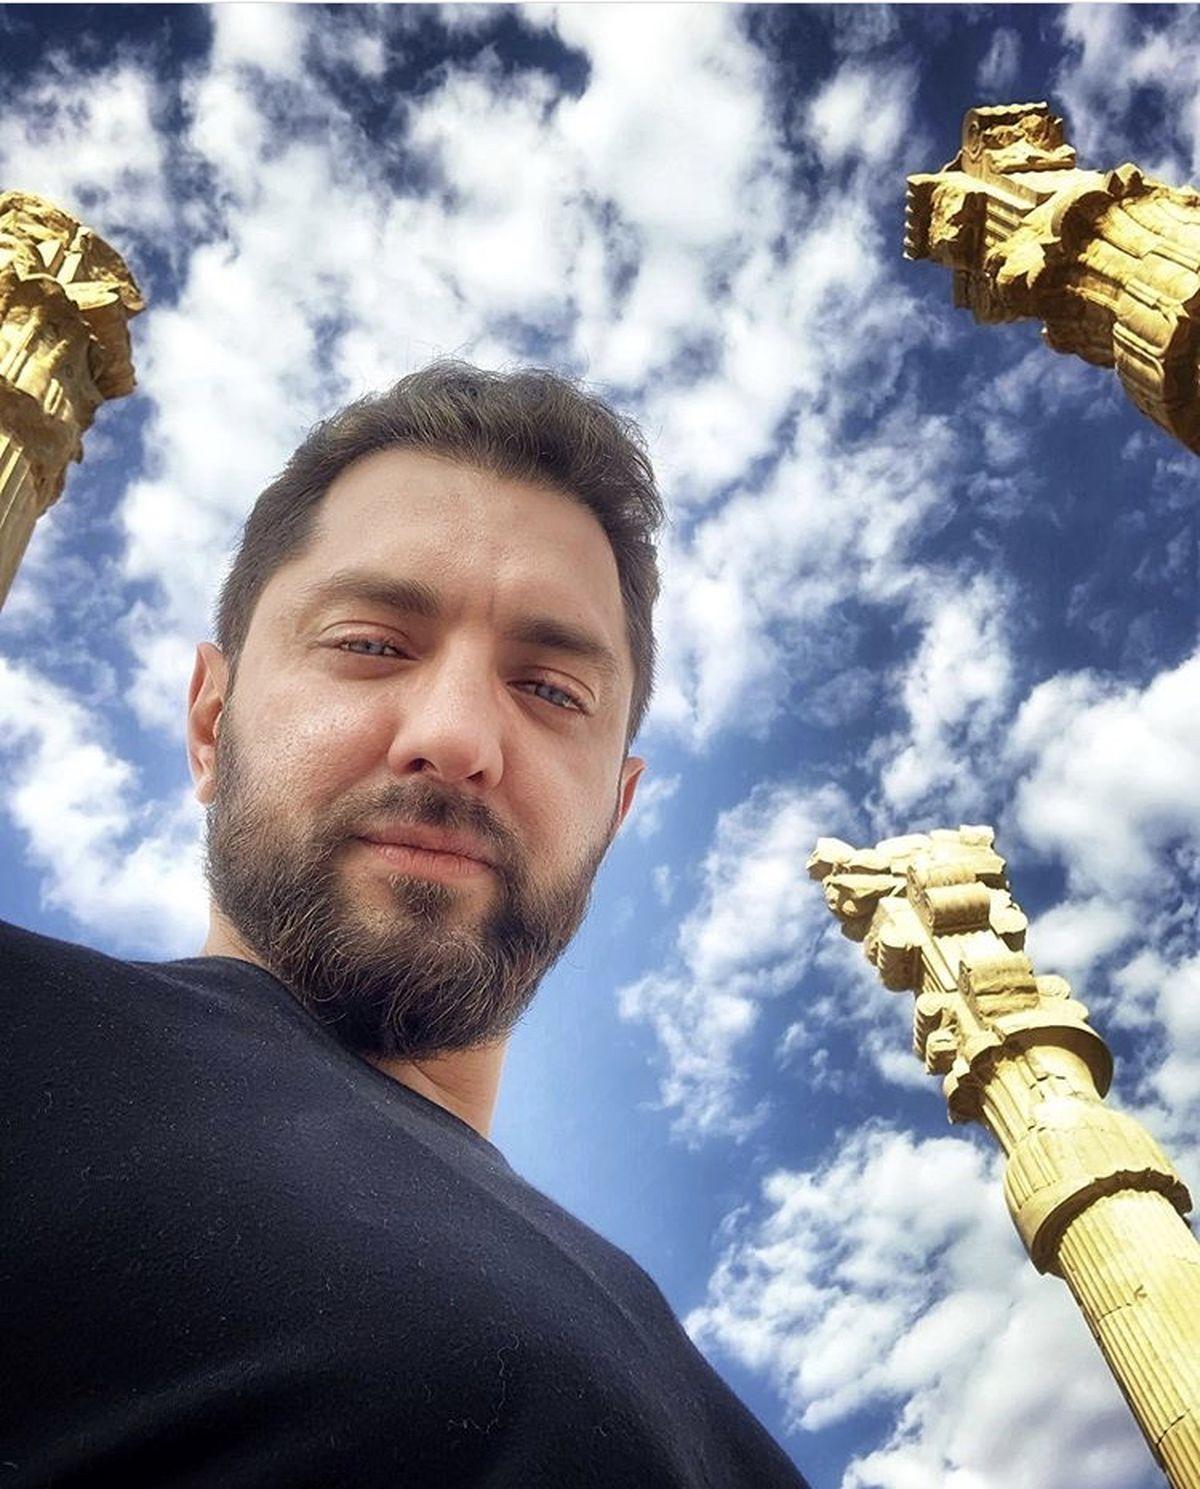 شیراز گردی های بهرام رادان + عکس